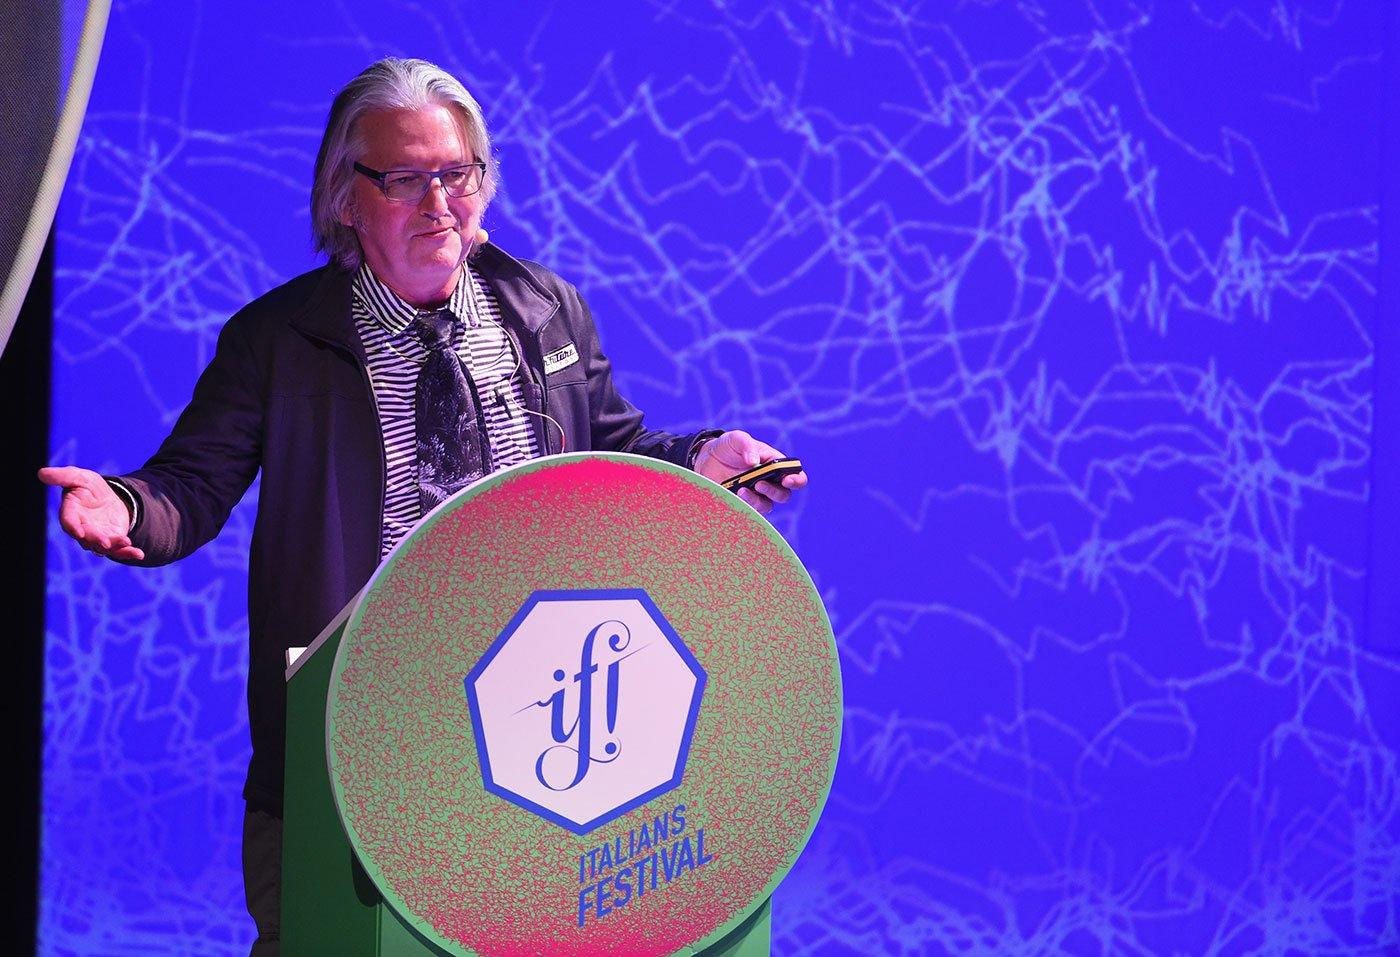 Bruce Sterling, l'intervista al grande scrittore in occasione di IF! Italians Festival